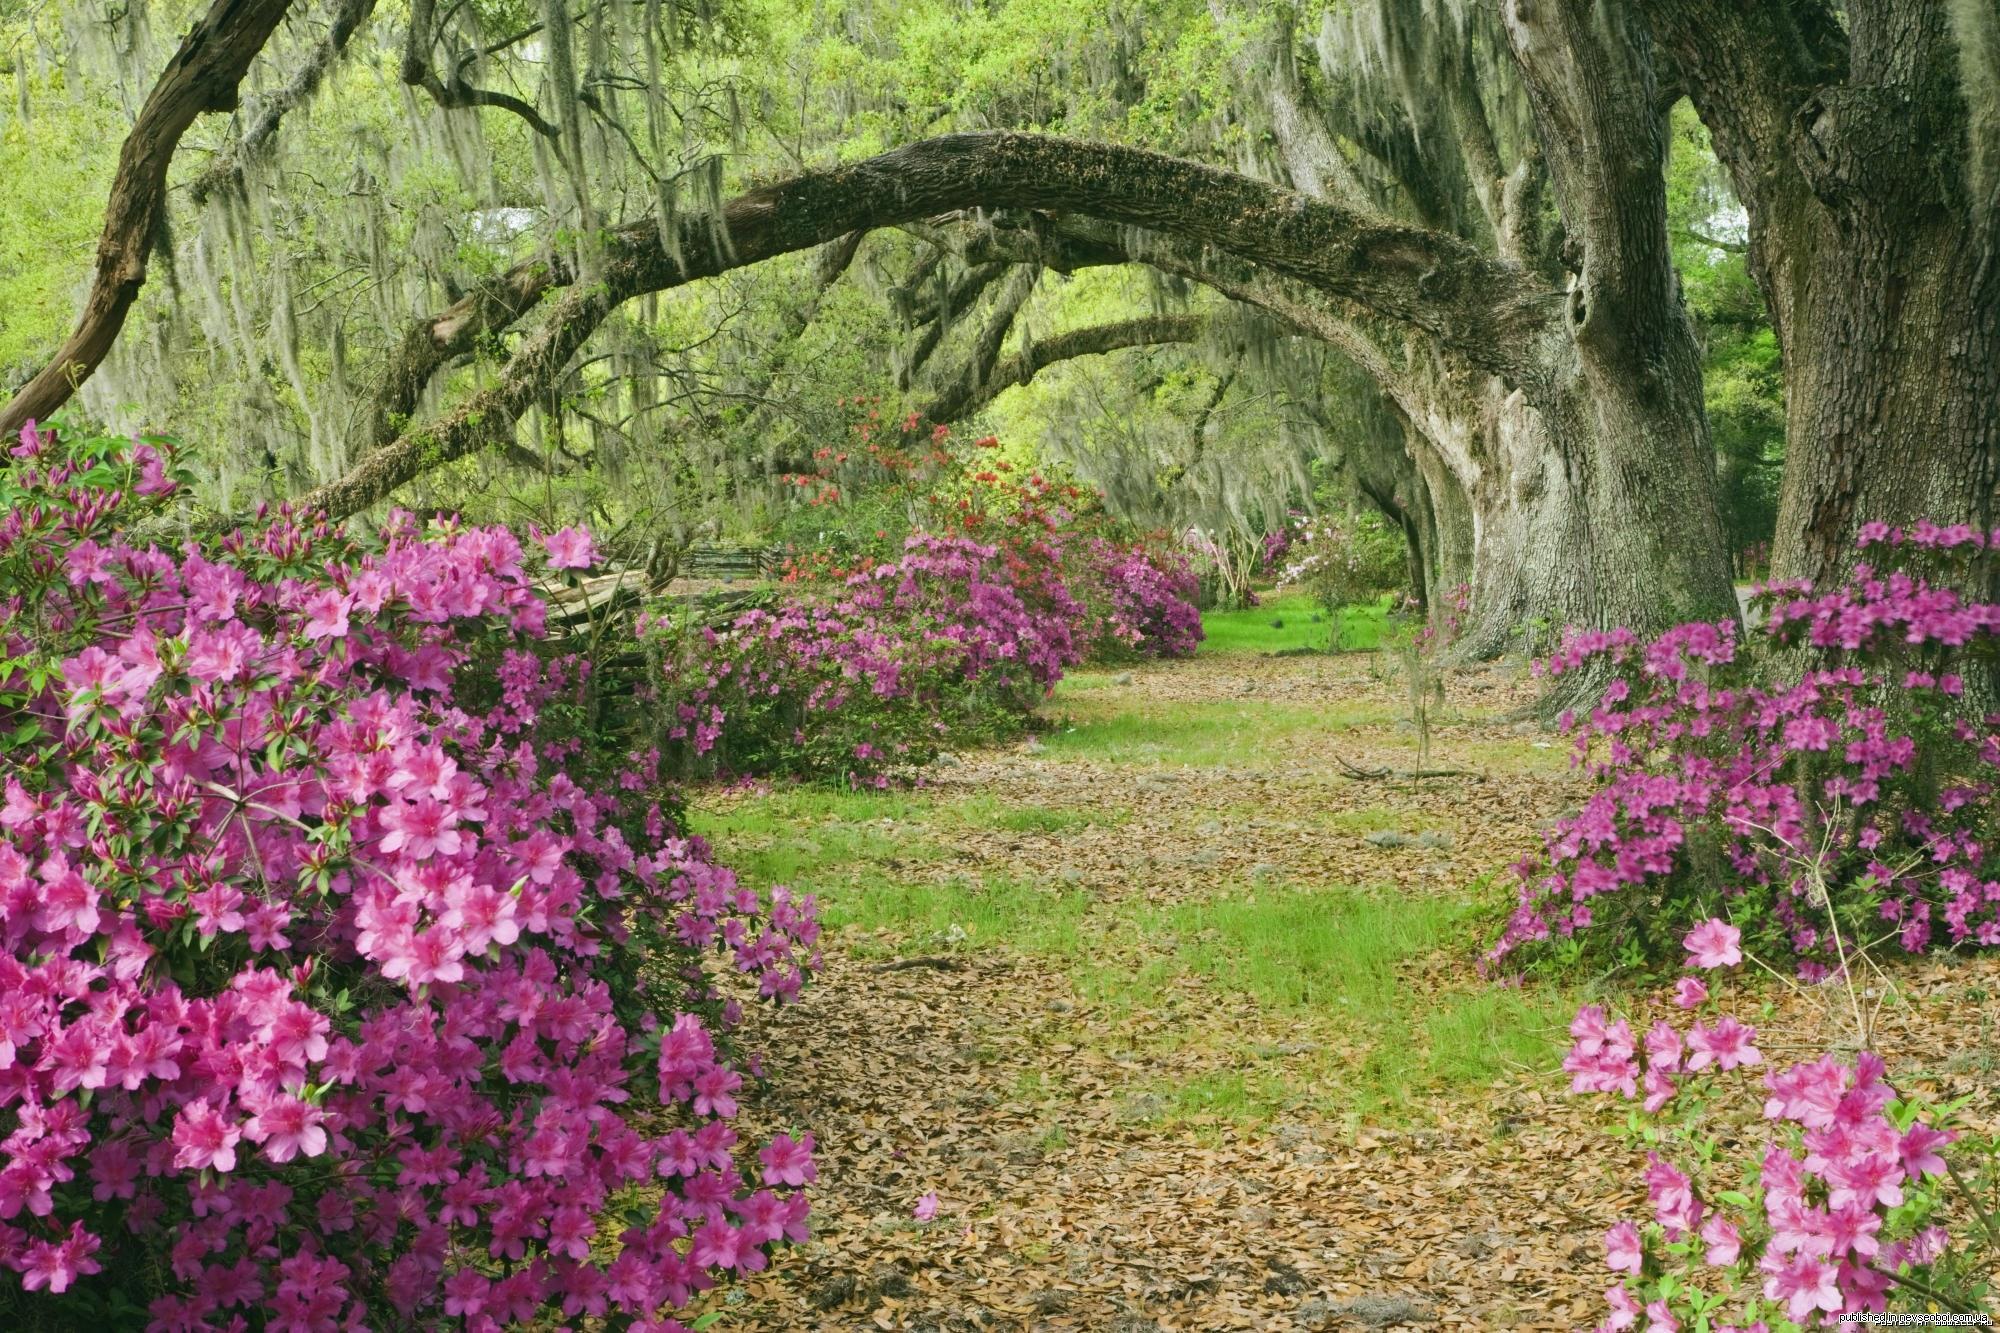 цветы аллея ступеньки flowers alley steps бесплатно